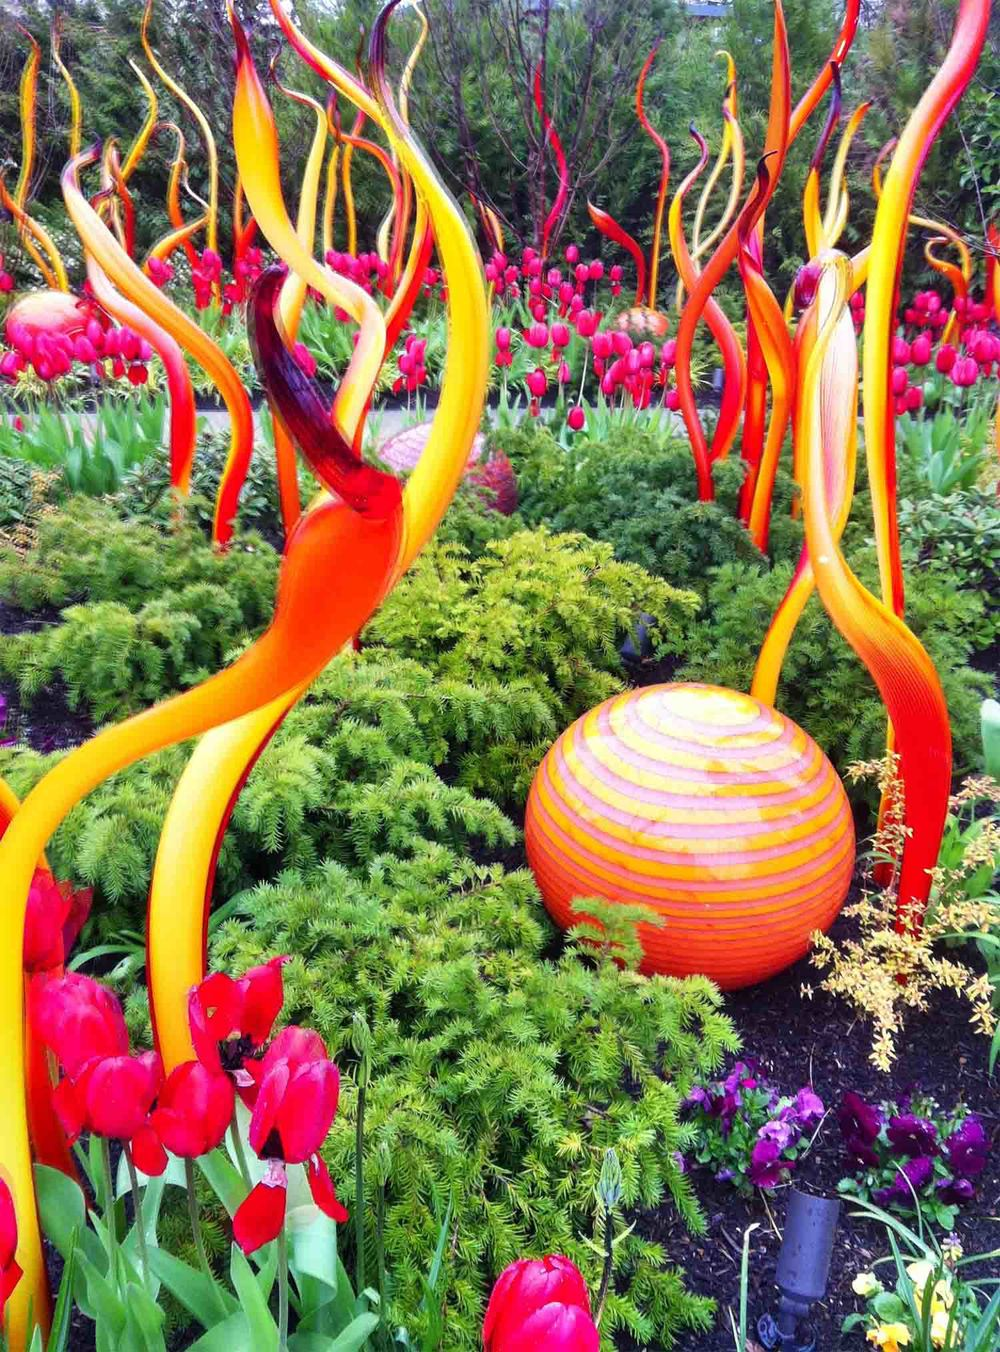 Chihuly garden copy.jpg